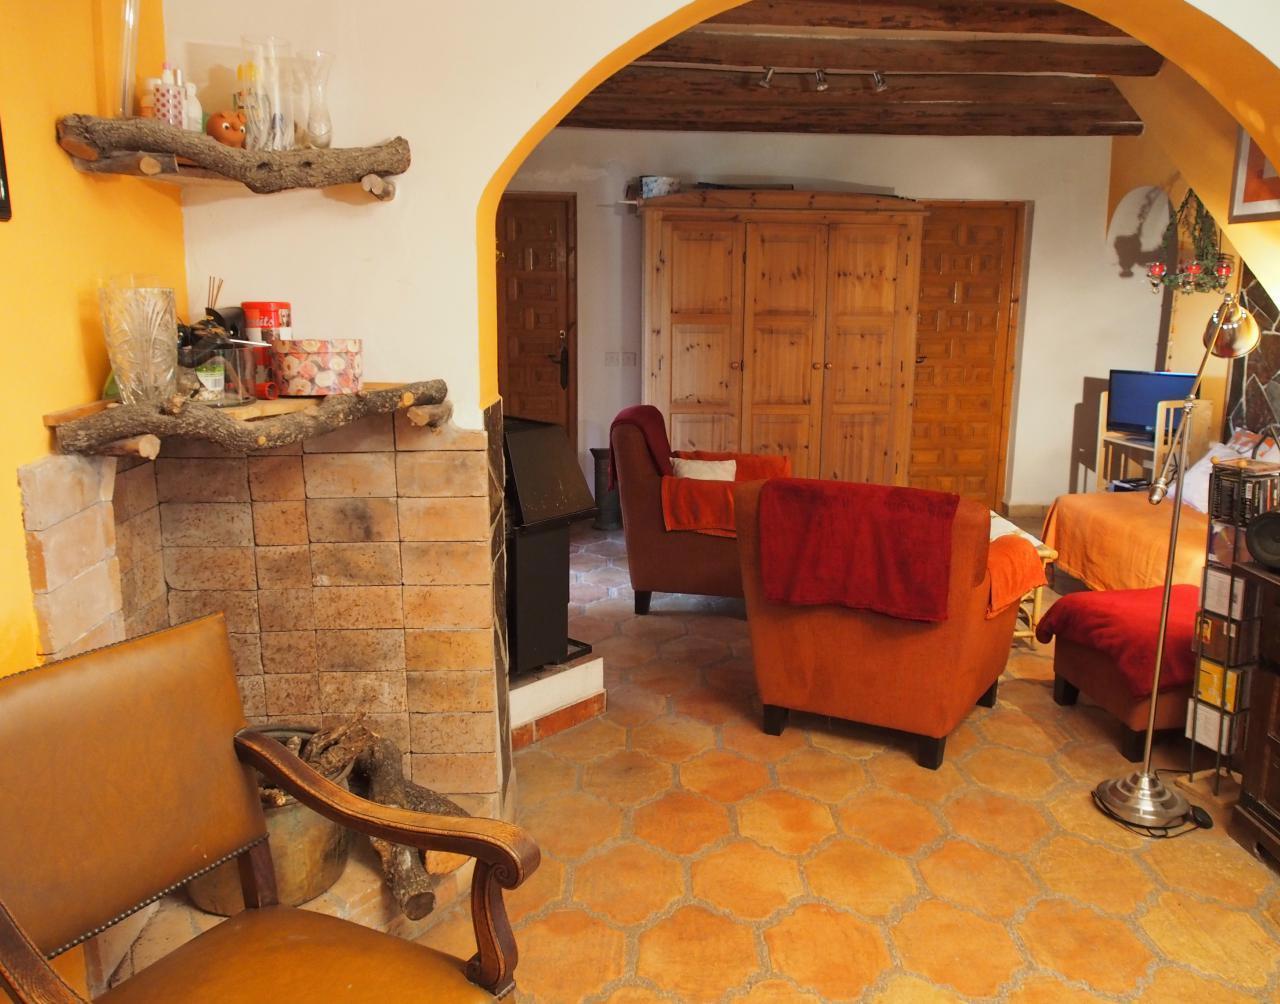 Ferienwohnung in charmantem Landgasthaus (1584575), L'Ametlla de Mar, Costa Dorada, Katalonien, Spanien, Bild 6